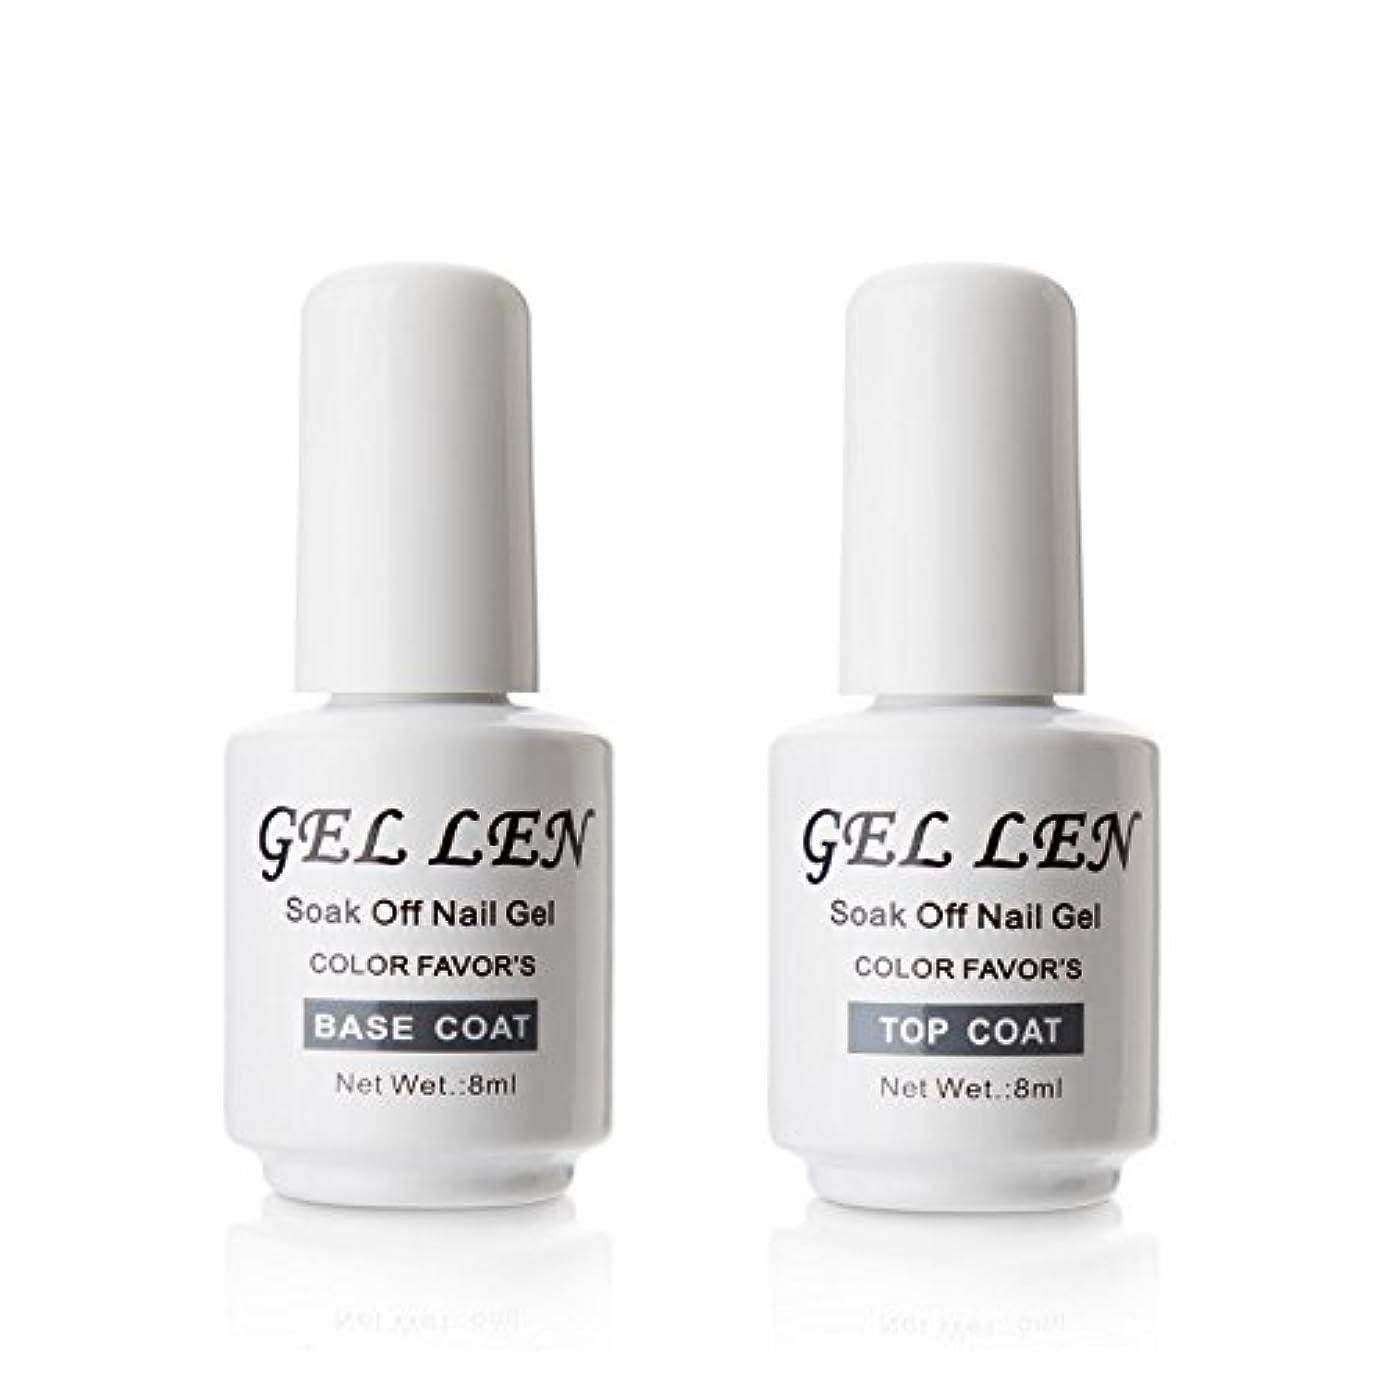 胸リング失敗Gellen ジェルネイル UV LED ベースコート&トップコート セット 8ml